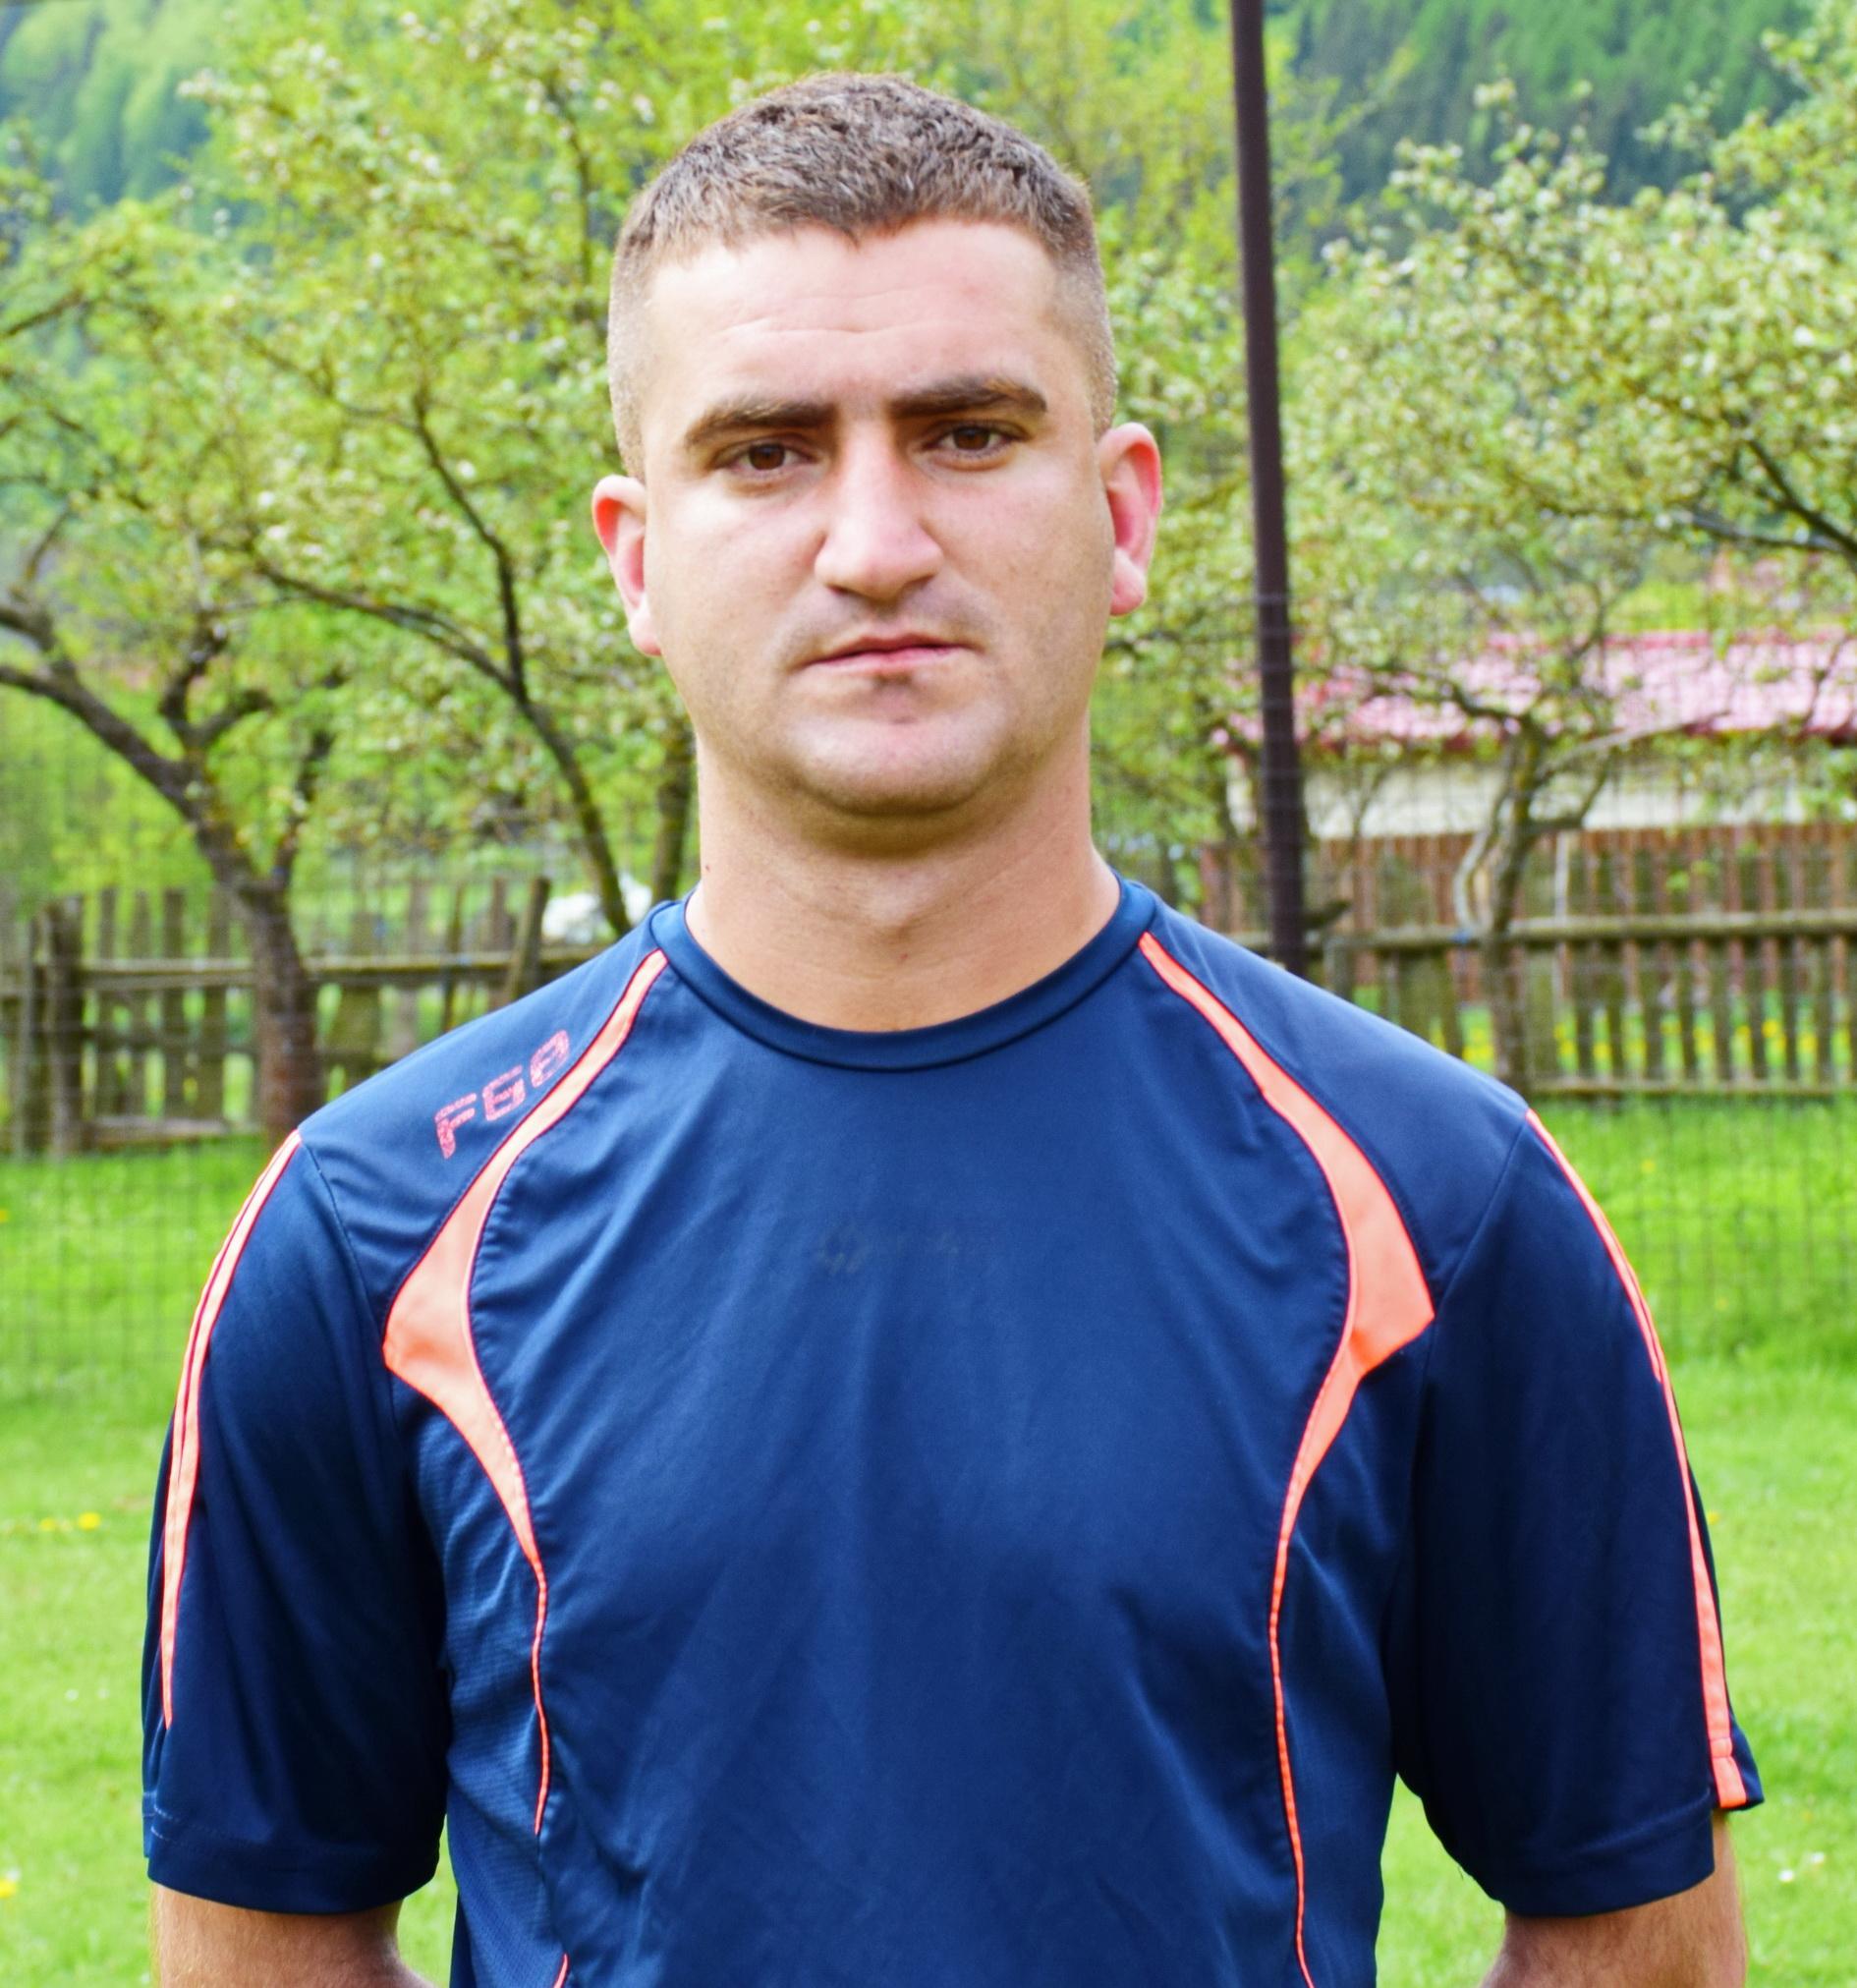 Miulescu Ionut Alexandru